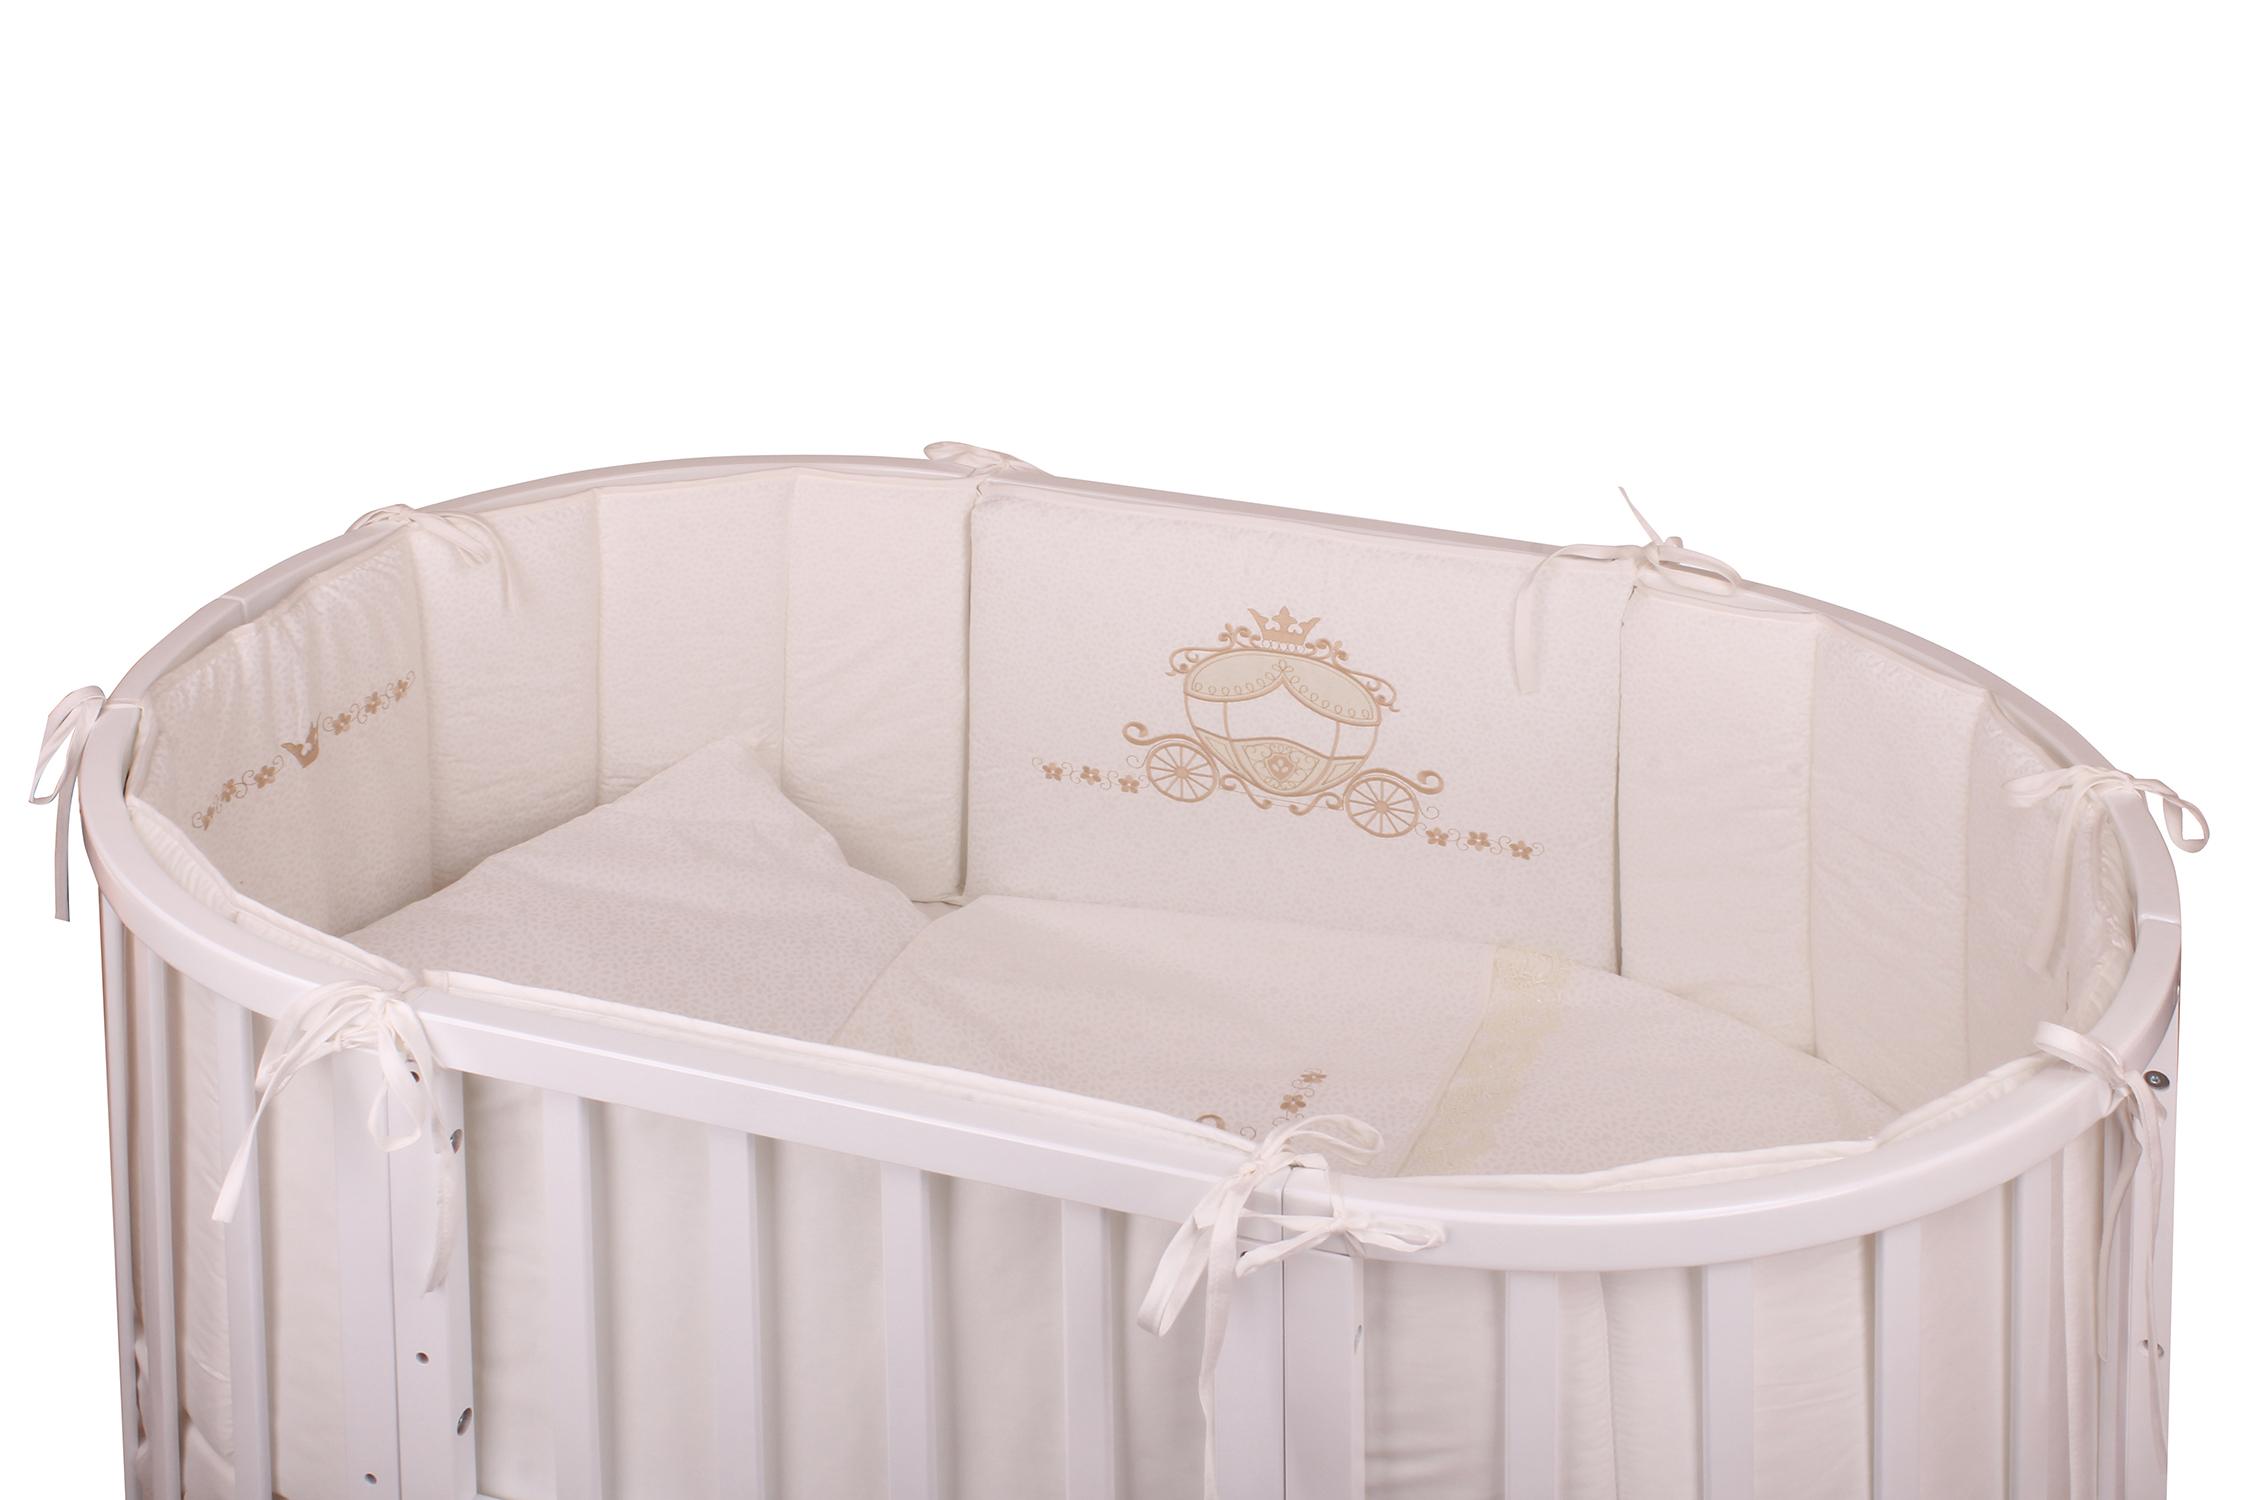 Комплект в кроватку - Prestigio Atlante, 6 предметов, rosaДетское постельное белье<br>Комплект в кроватку - Prestigio Atlante, 6 предметов, rosa<br>